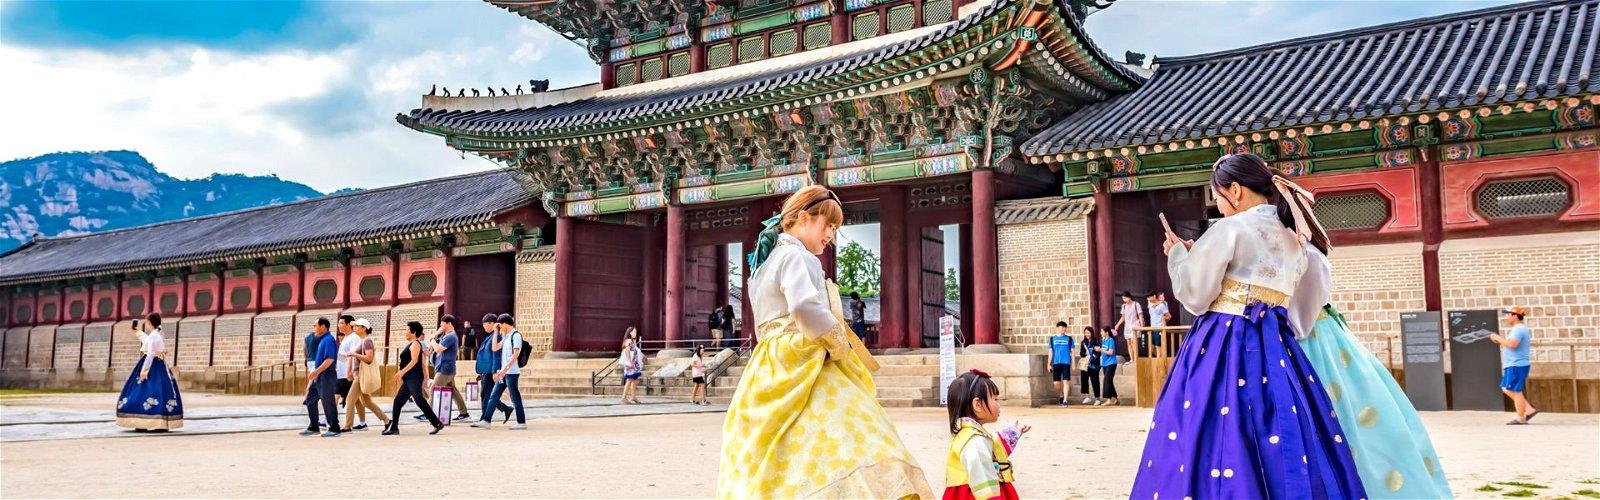 ทัวร์ปูซาน เที่ยวเกาหลีที่ใช่ในราคาที่ชอบ - Mushroom Travel